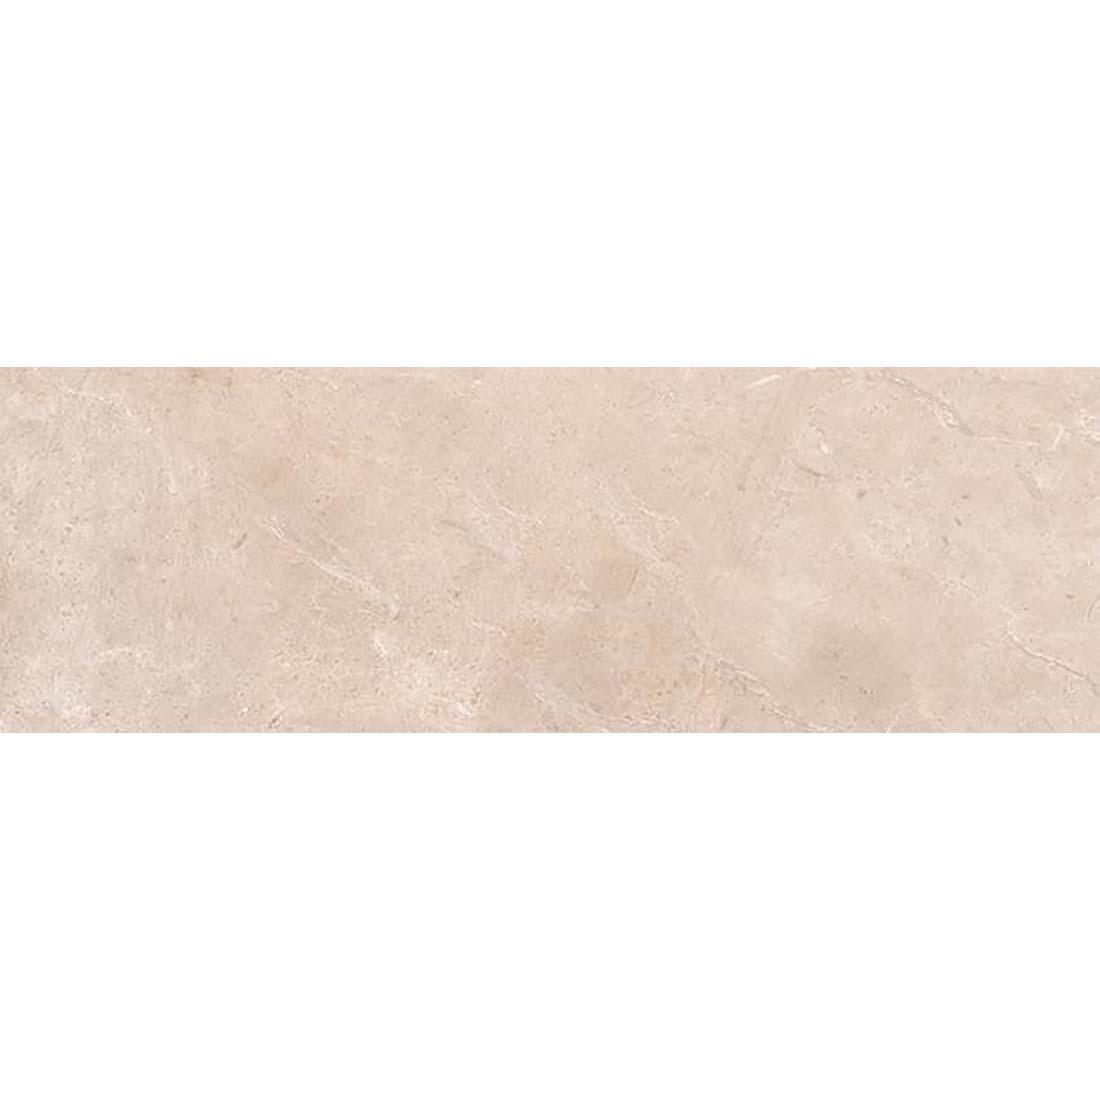 Mist 20x60 Dark Beige 1